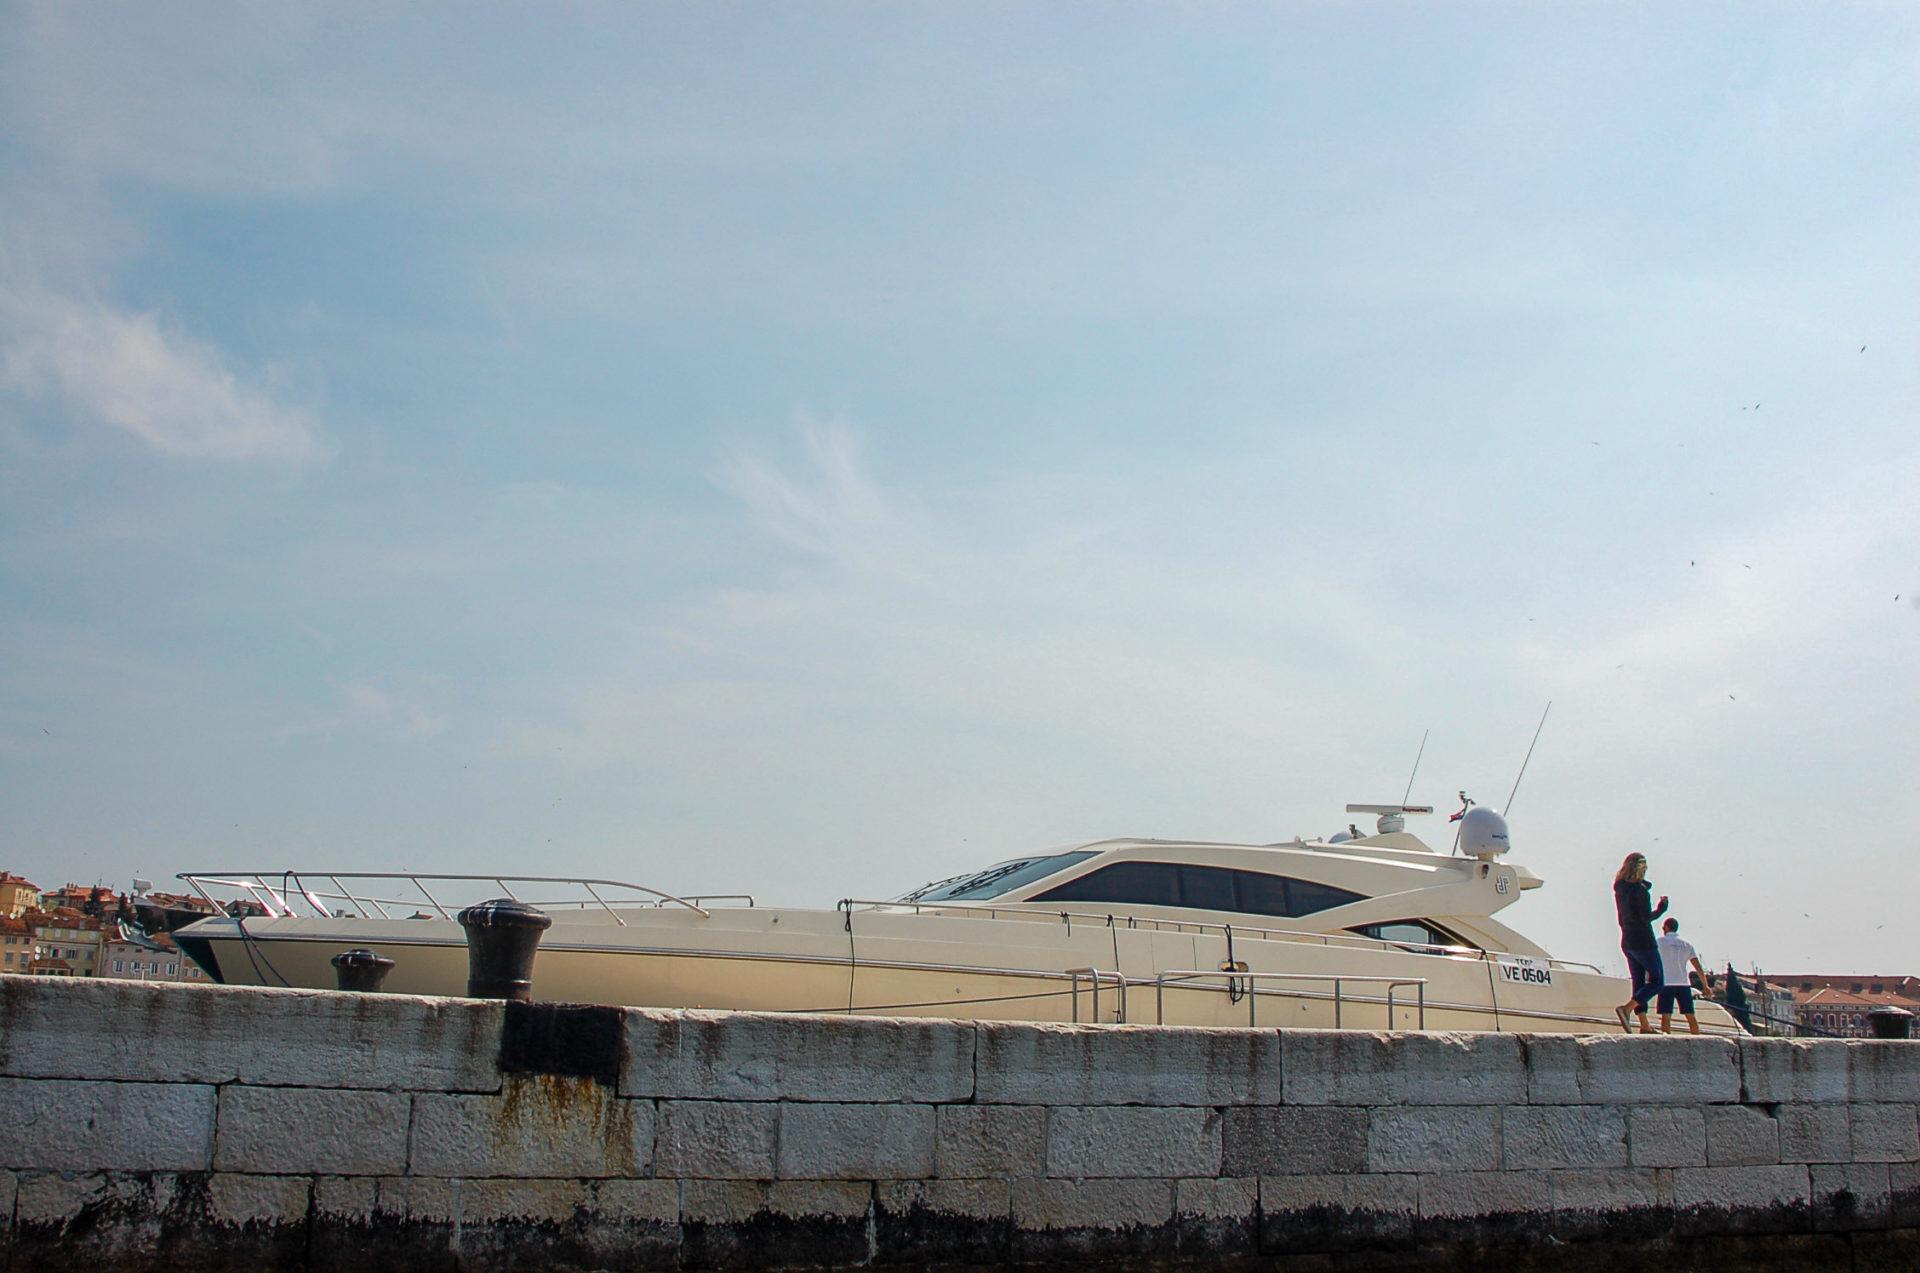 Eine monströse Yacht die kurz gesagt irgendeinem Millionär gehört